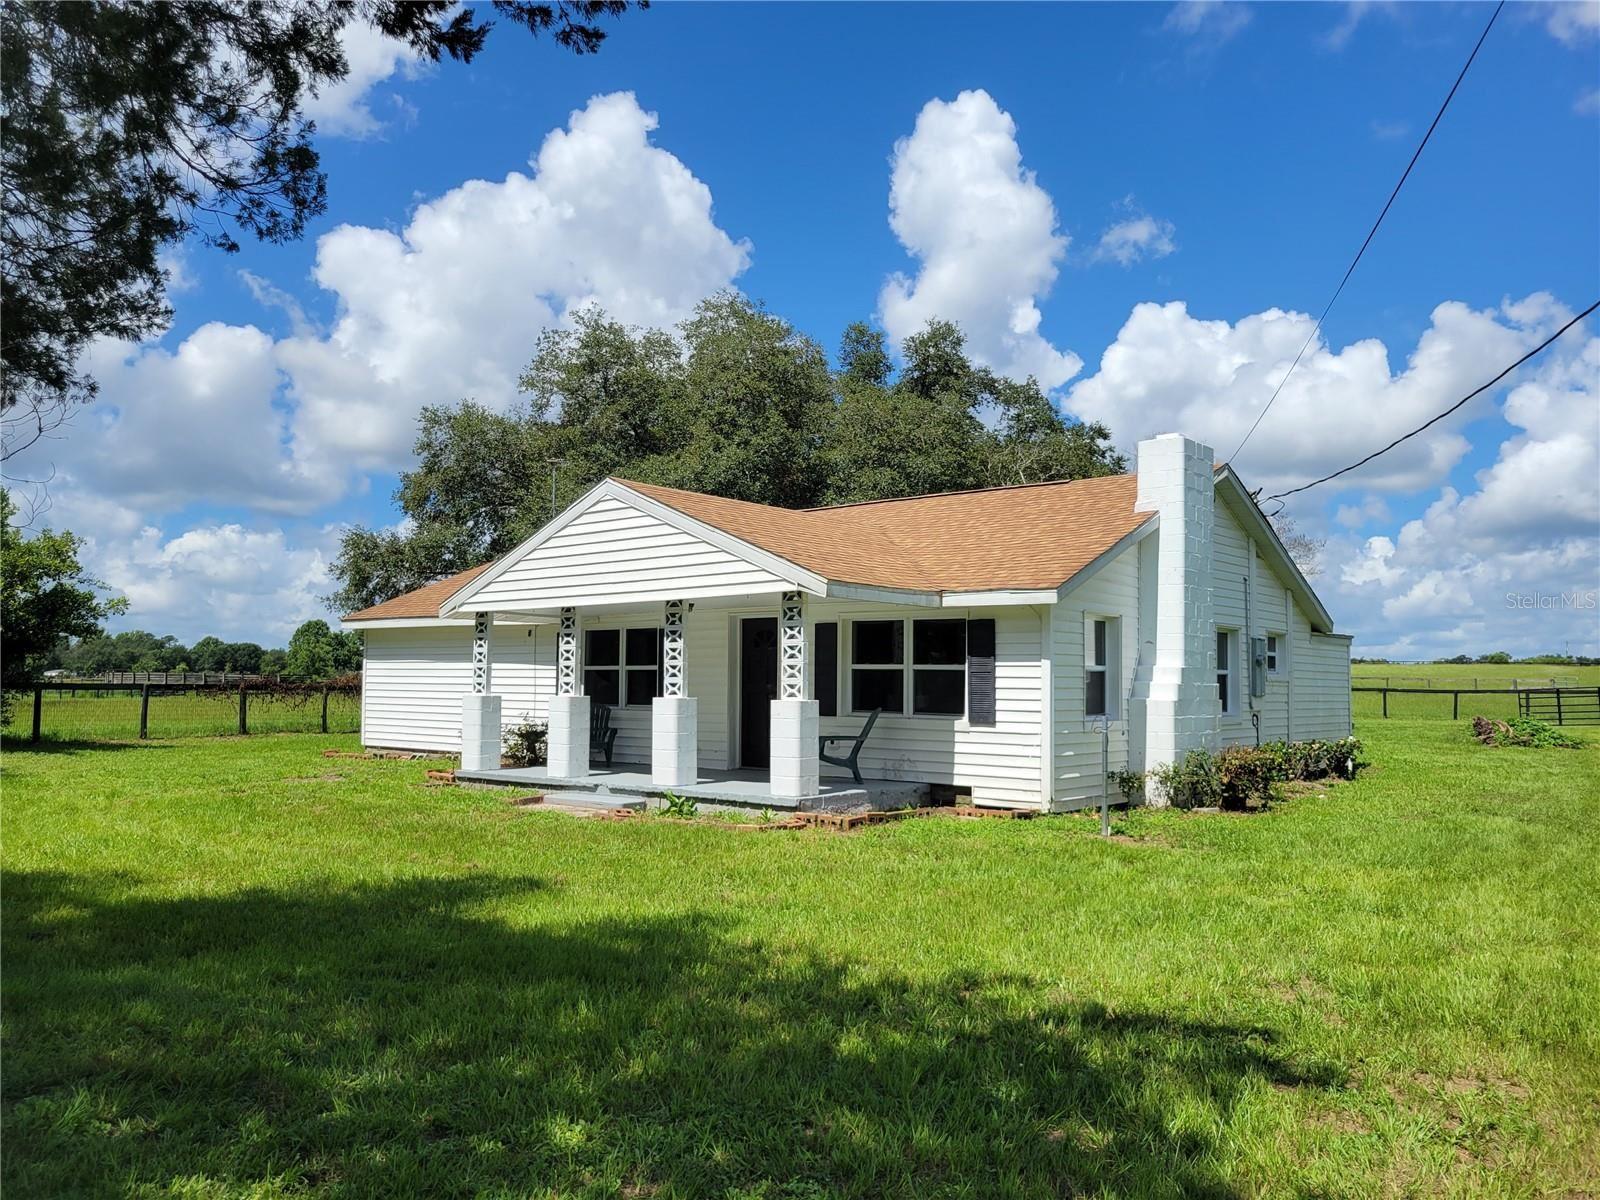 Photo for 3130 S US HIGHWAY 41, DUNNELLON, FL 34432 (MLS # OM616292)